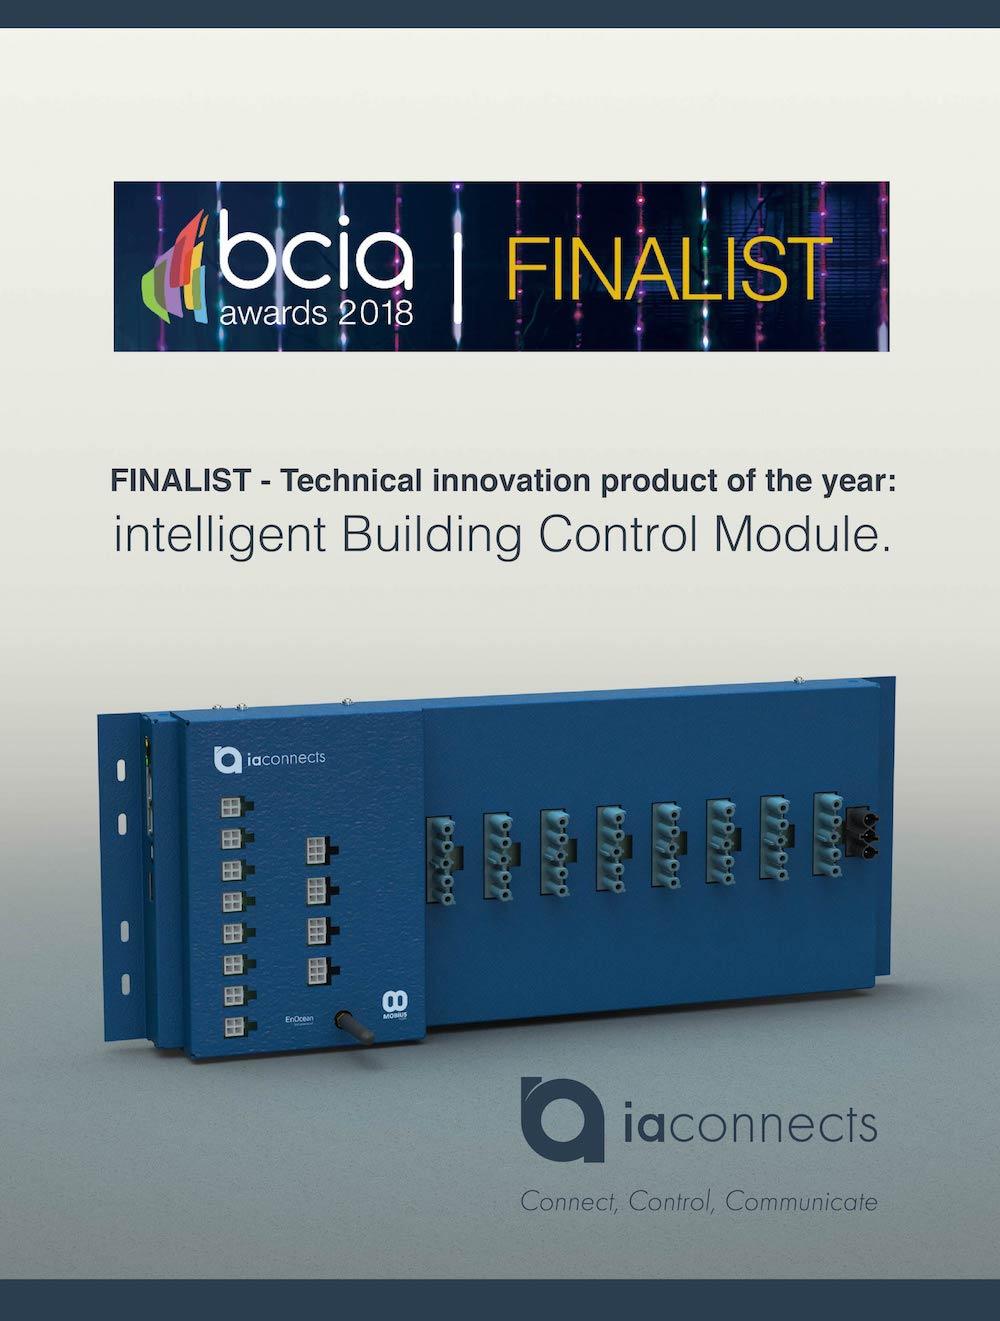 1803-BCIA-BCM-awards-01a.jpg